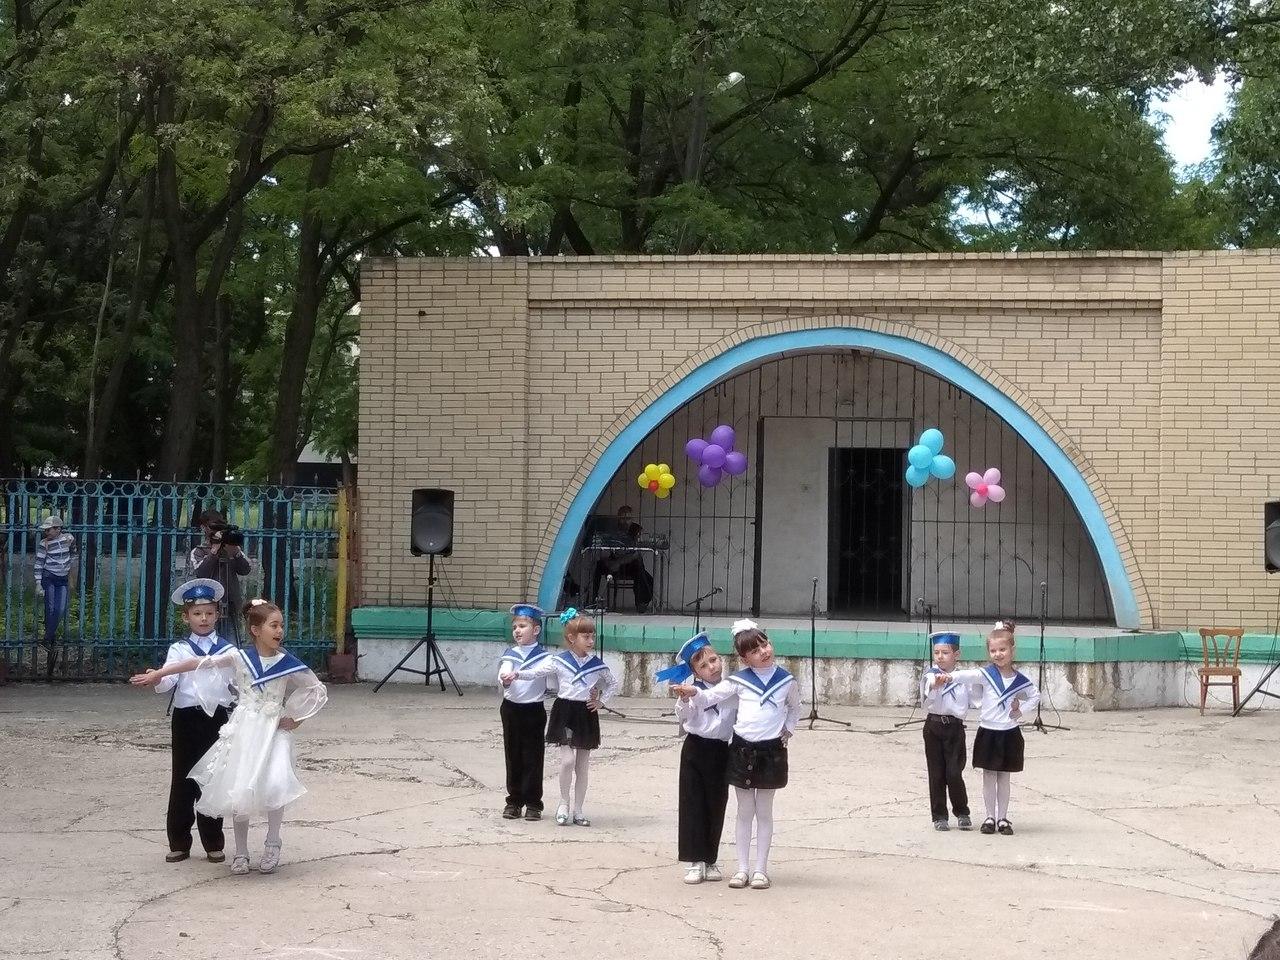 1 июня 2018 года в городском парке имени Ленина состоялась игровая программа, которую подготовил ГБОУ «Антрацитовский внешкольный центр детского творчества» ЛНР.